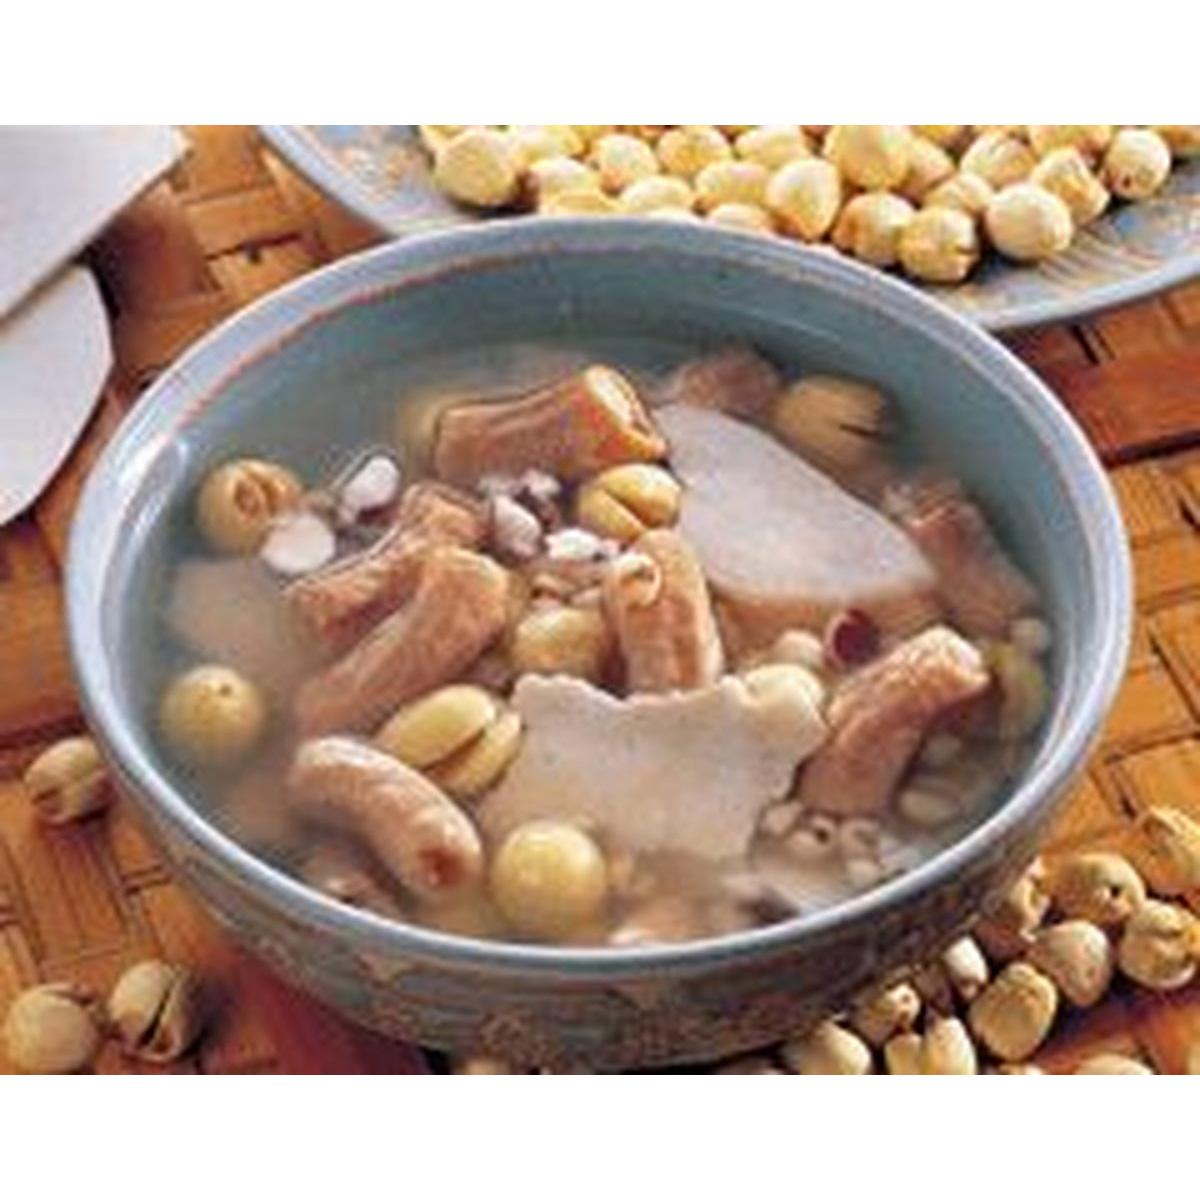 食譜:四神豬腸湯